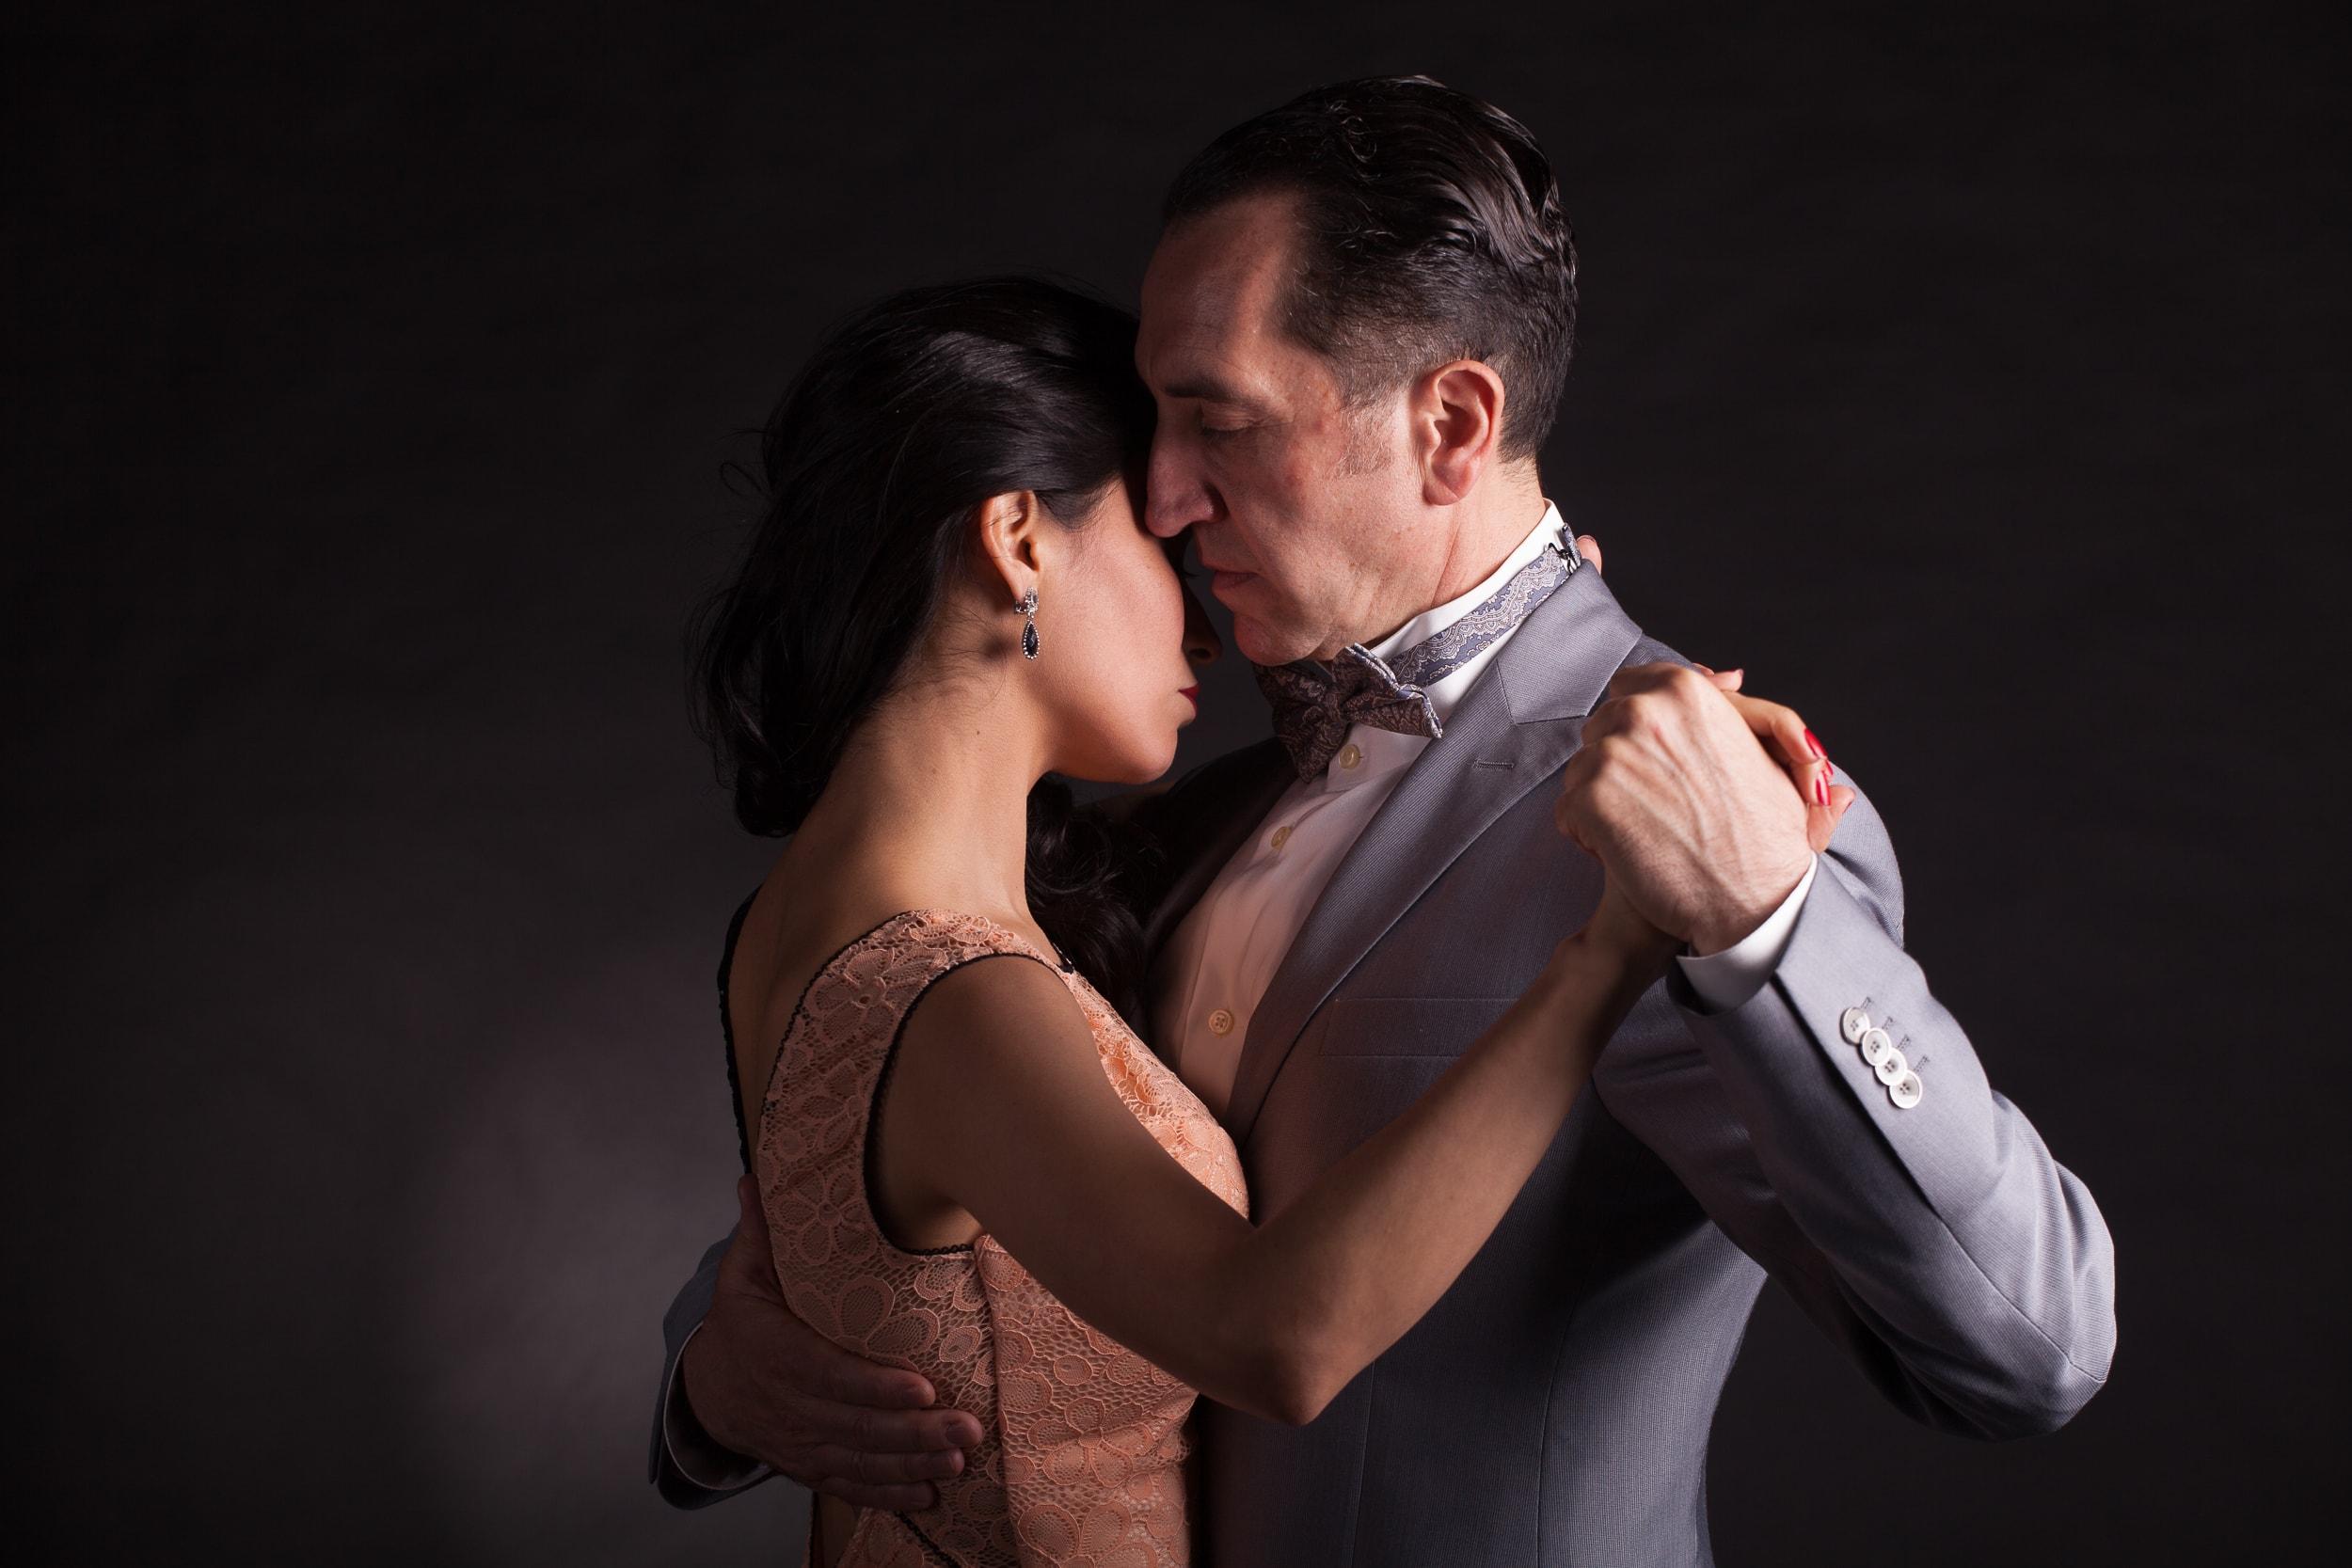 Lezione di Tango in Omaggio da Creacion Tango Torino!